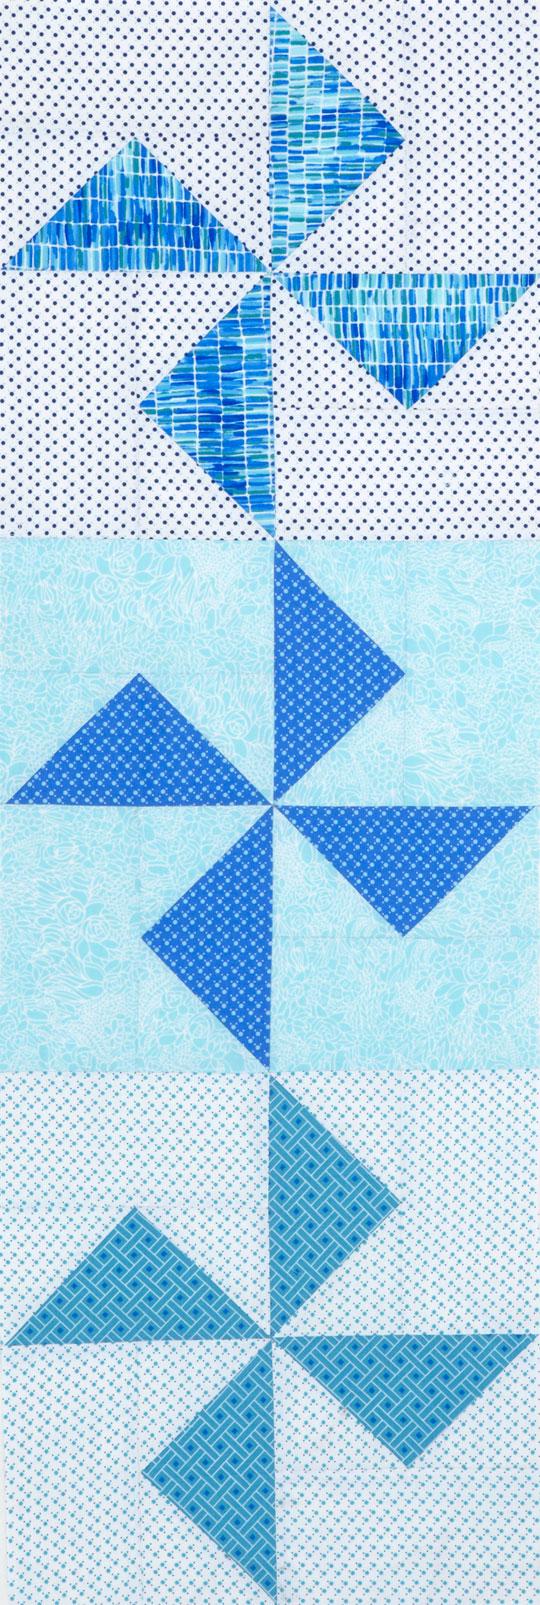 pinwheels-table-runnerlg1.jpg